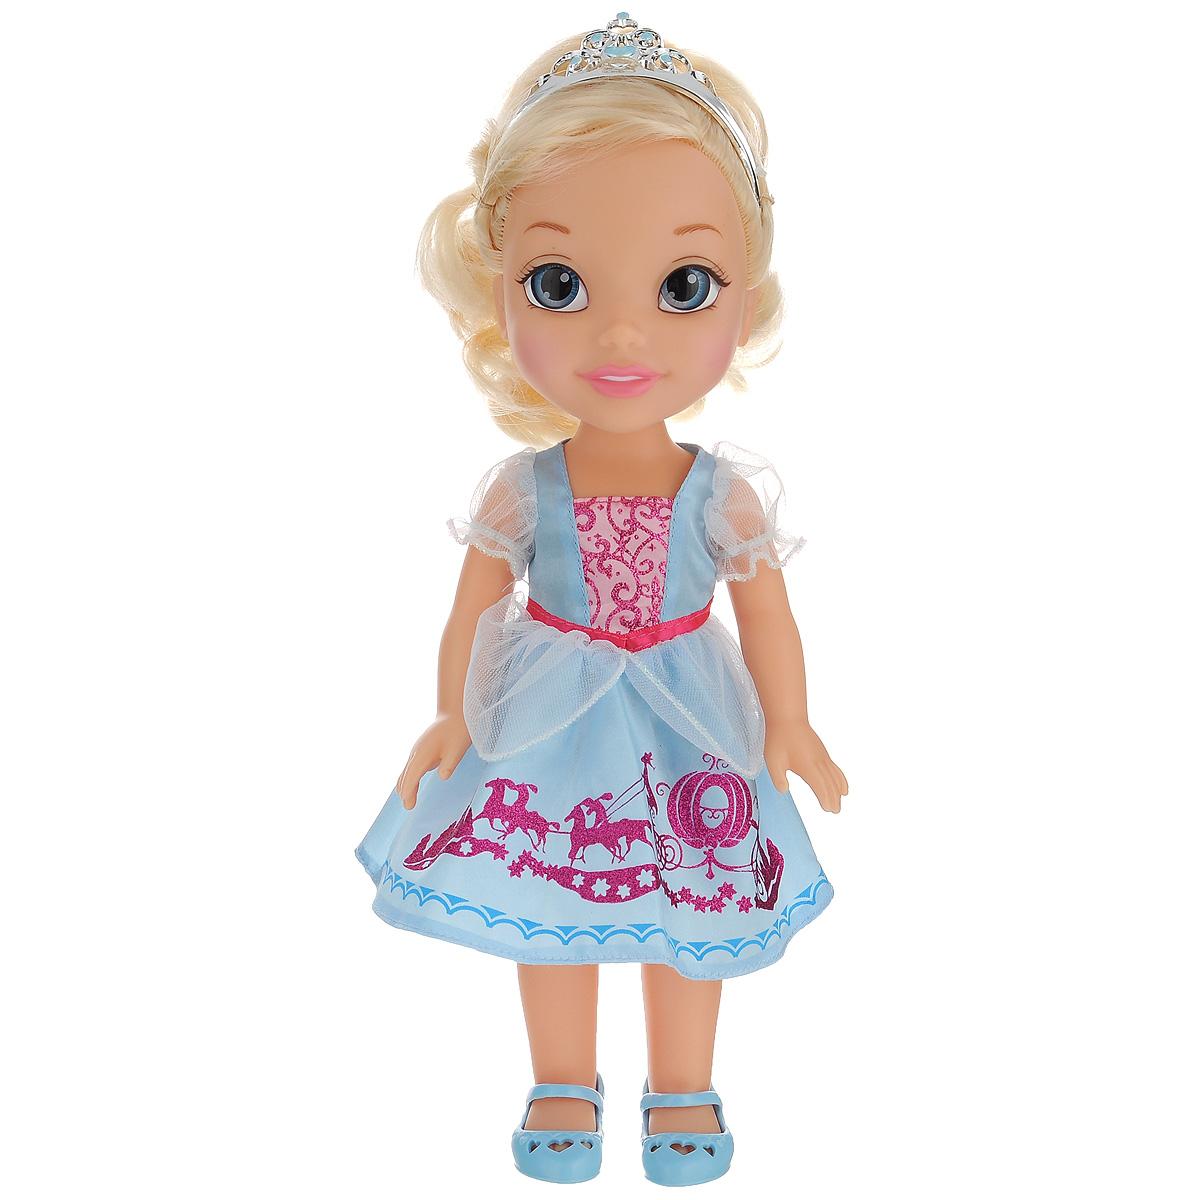 Disney Princess Кукла Малышка Золушка цвет платья голубой розовый750050_ребенок ЗолушкиИгрушка представлена в виде героини одноименного мультфильма Золушка. Кукла в виде Золушки выполнена из пластика и одета в прекрасное голубое платье с блестящими вставками, на ножках - голубые туфельки. У куклы прекрасные светлые локоны, которые можно заплетать. Голову Золушки украшает серебристая тиара. У куколки необыкновенные глазки-линзы. Такая куколка очарует вас и вашу дочурку с первого взгляда! Ваша малышка с удовольствием будет играть с принцессой Золушкой, проигрывая сюжеты из мультфильма или придумывая различные истории. Порадуйте свою дочурку таким замечательным подарком!